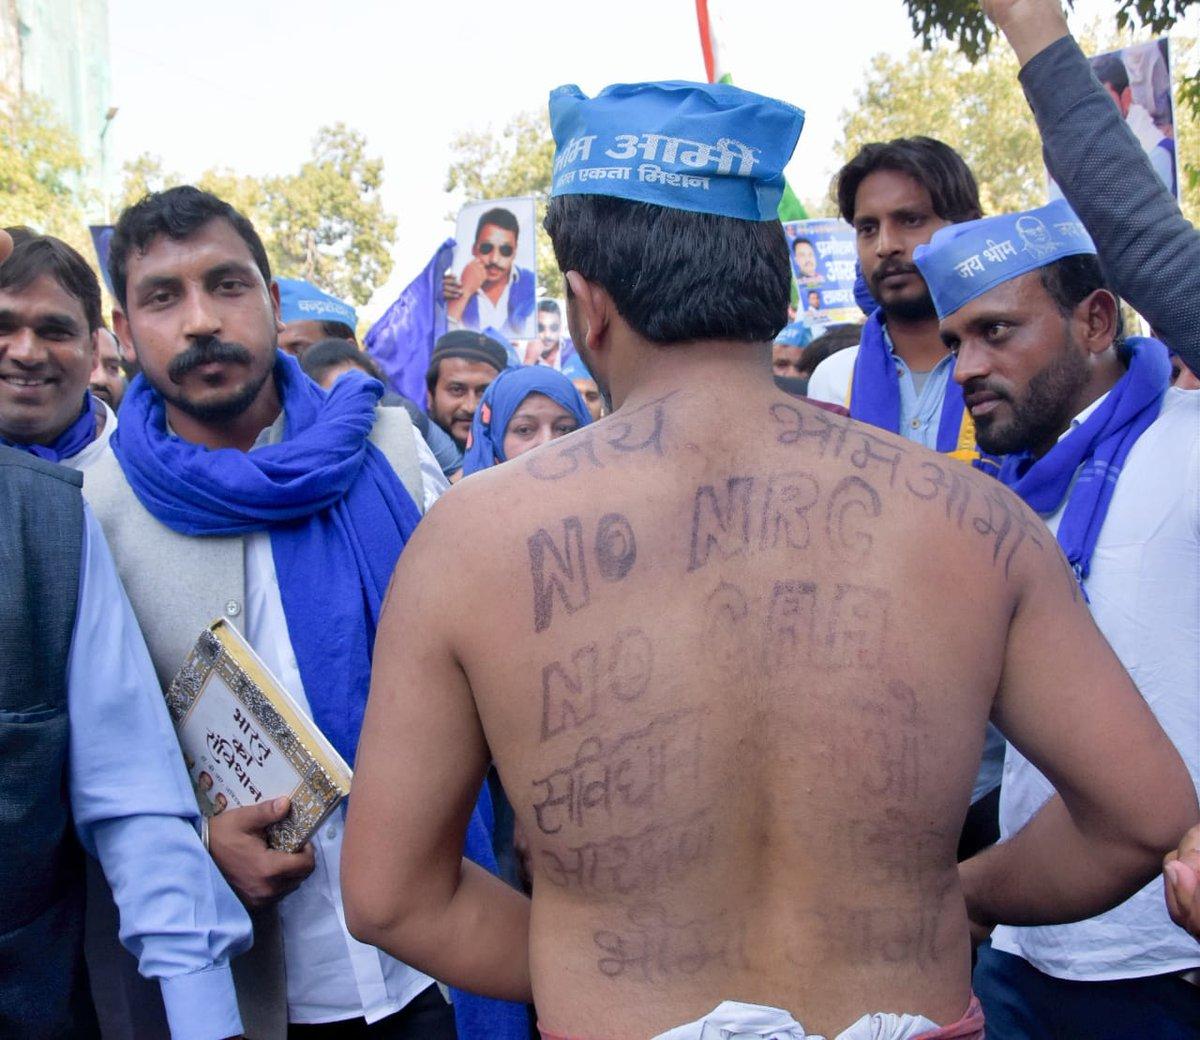 """भीम आर्मी भारत एकता के प्रमुख @BhimArmyChief के द्वारा बुलाये गए """"आरक्षण बचाओ, संविधान बचाओ"""" मार्च को सफल बनाने के लिए आप सभी का आभार।सभी साथी 23 फरवरी को भारत बंद की तैयारी में जुट जाएं।@Bhimarmy_BEM#आरक्षण_भीख_नही_अधिकार_है"""